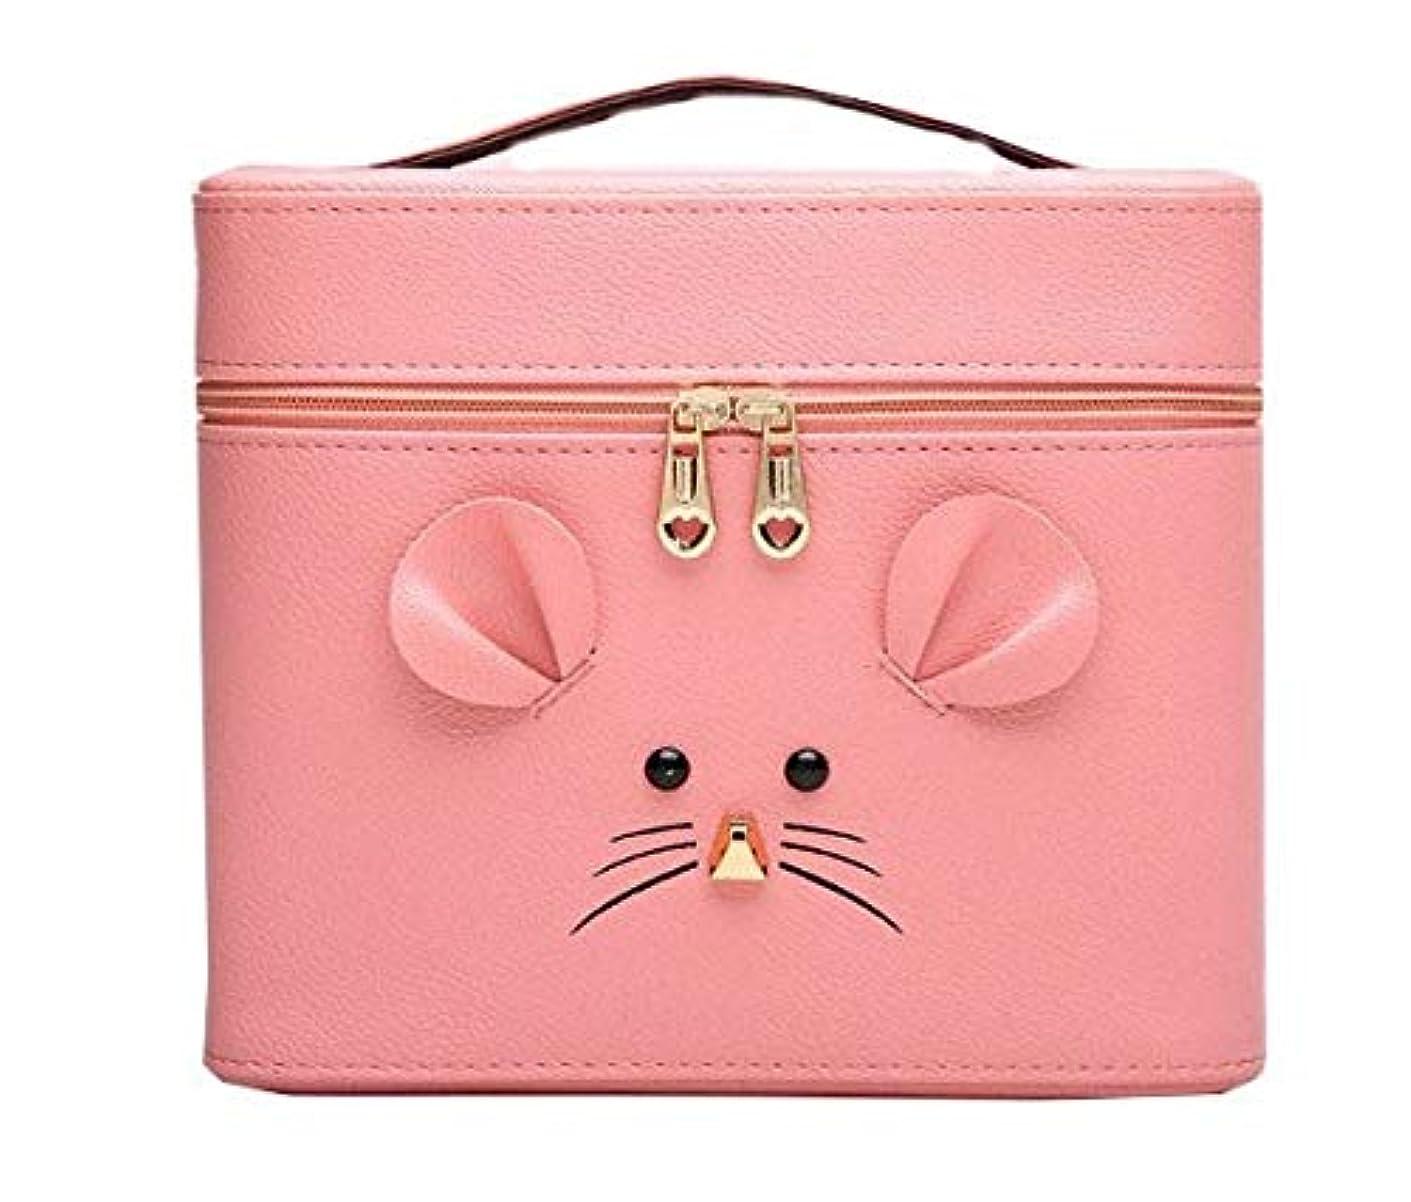 簡略化する洞察力のあるから化粧箱、ピンクの漫画のマウスの化粧箱、携帯用旅行化粧品の箱、美の釘の宝石類の収納箱 (Size : L)